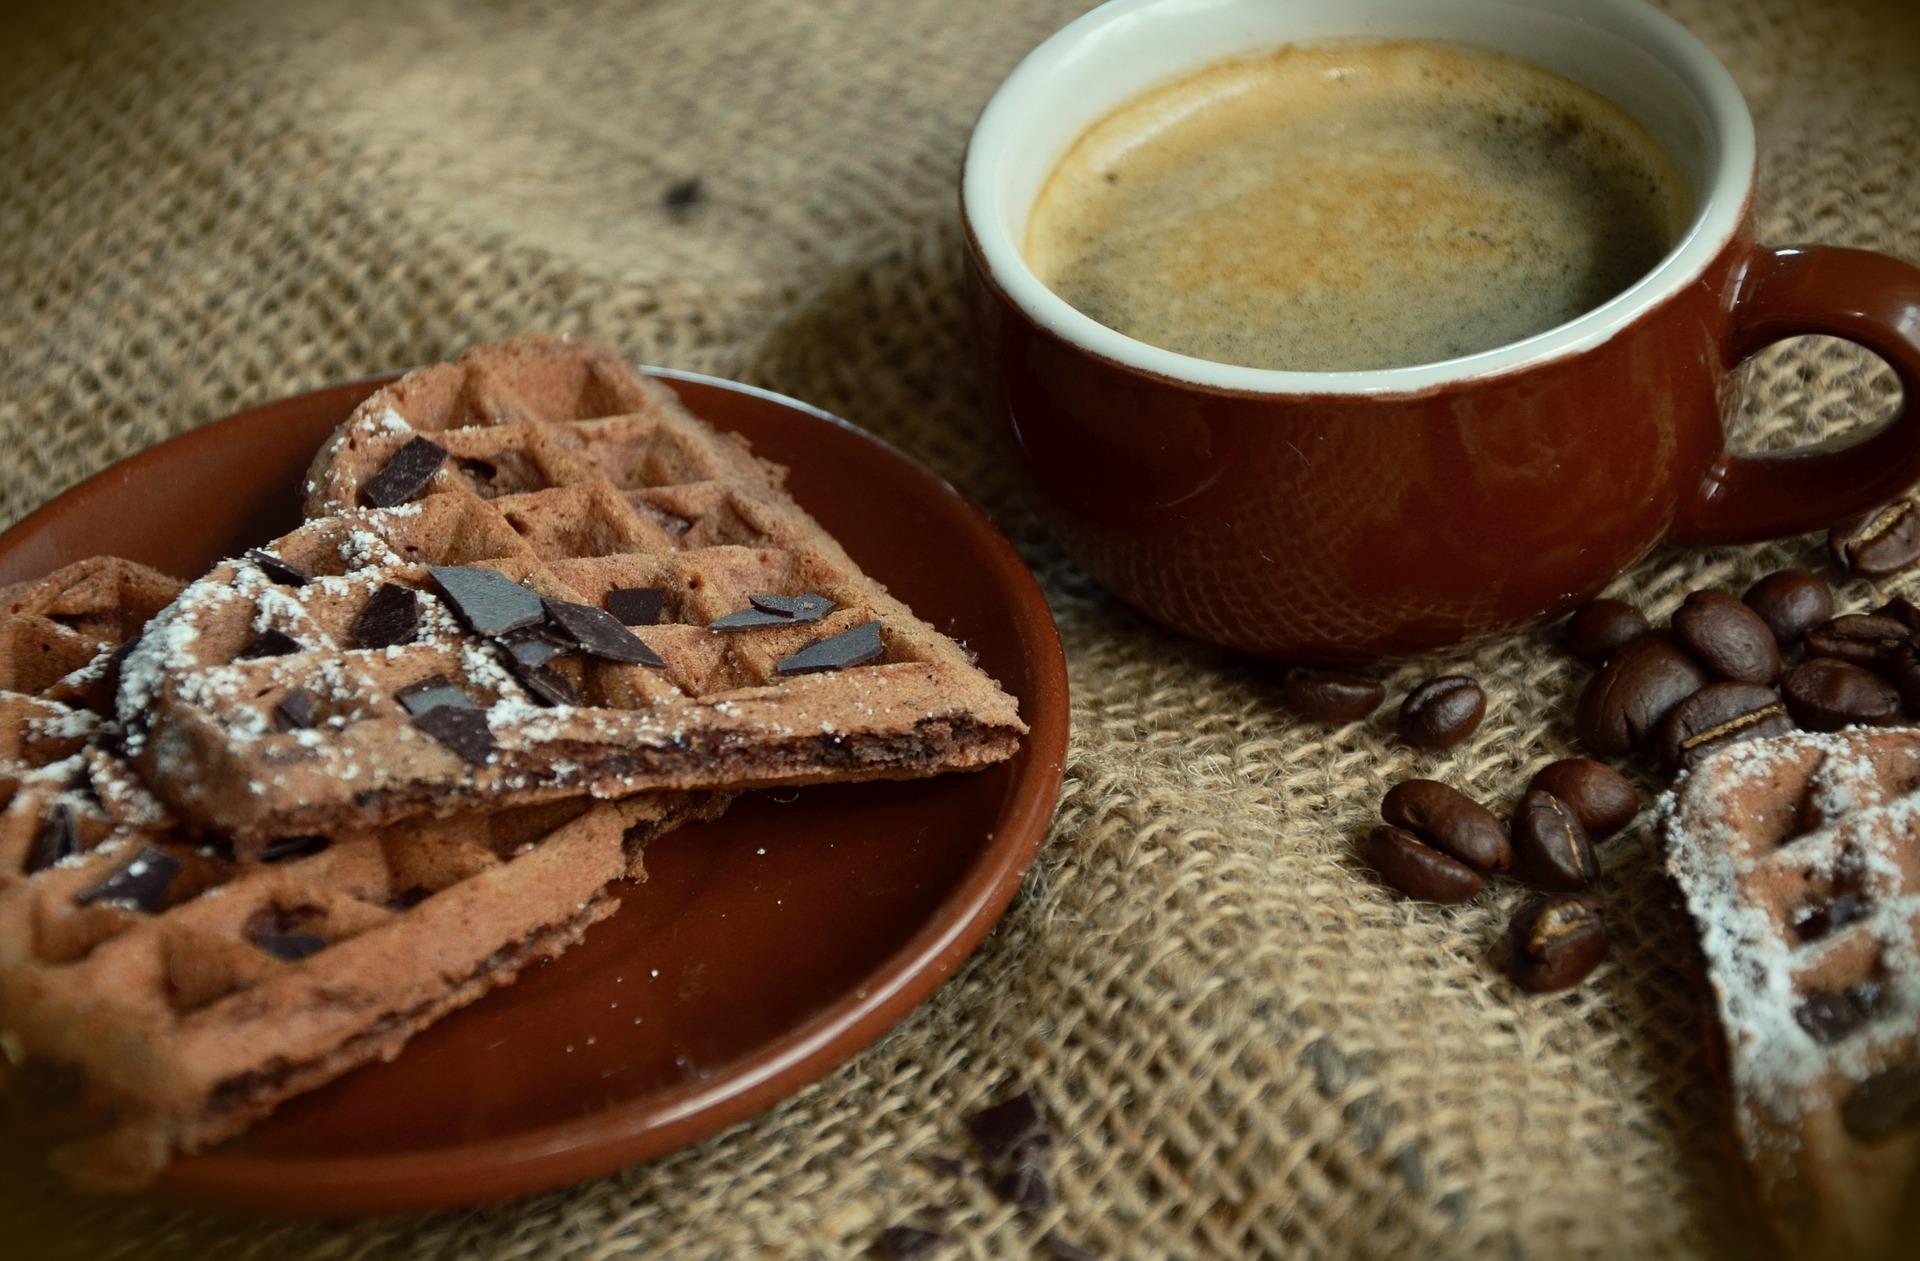 Ingrosso di caffè in cialde e capsule: la mia esperienza di acquisto su IngrossoCaffè